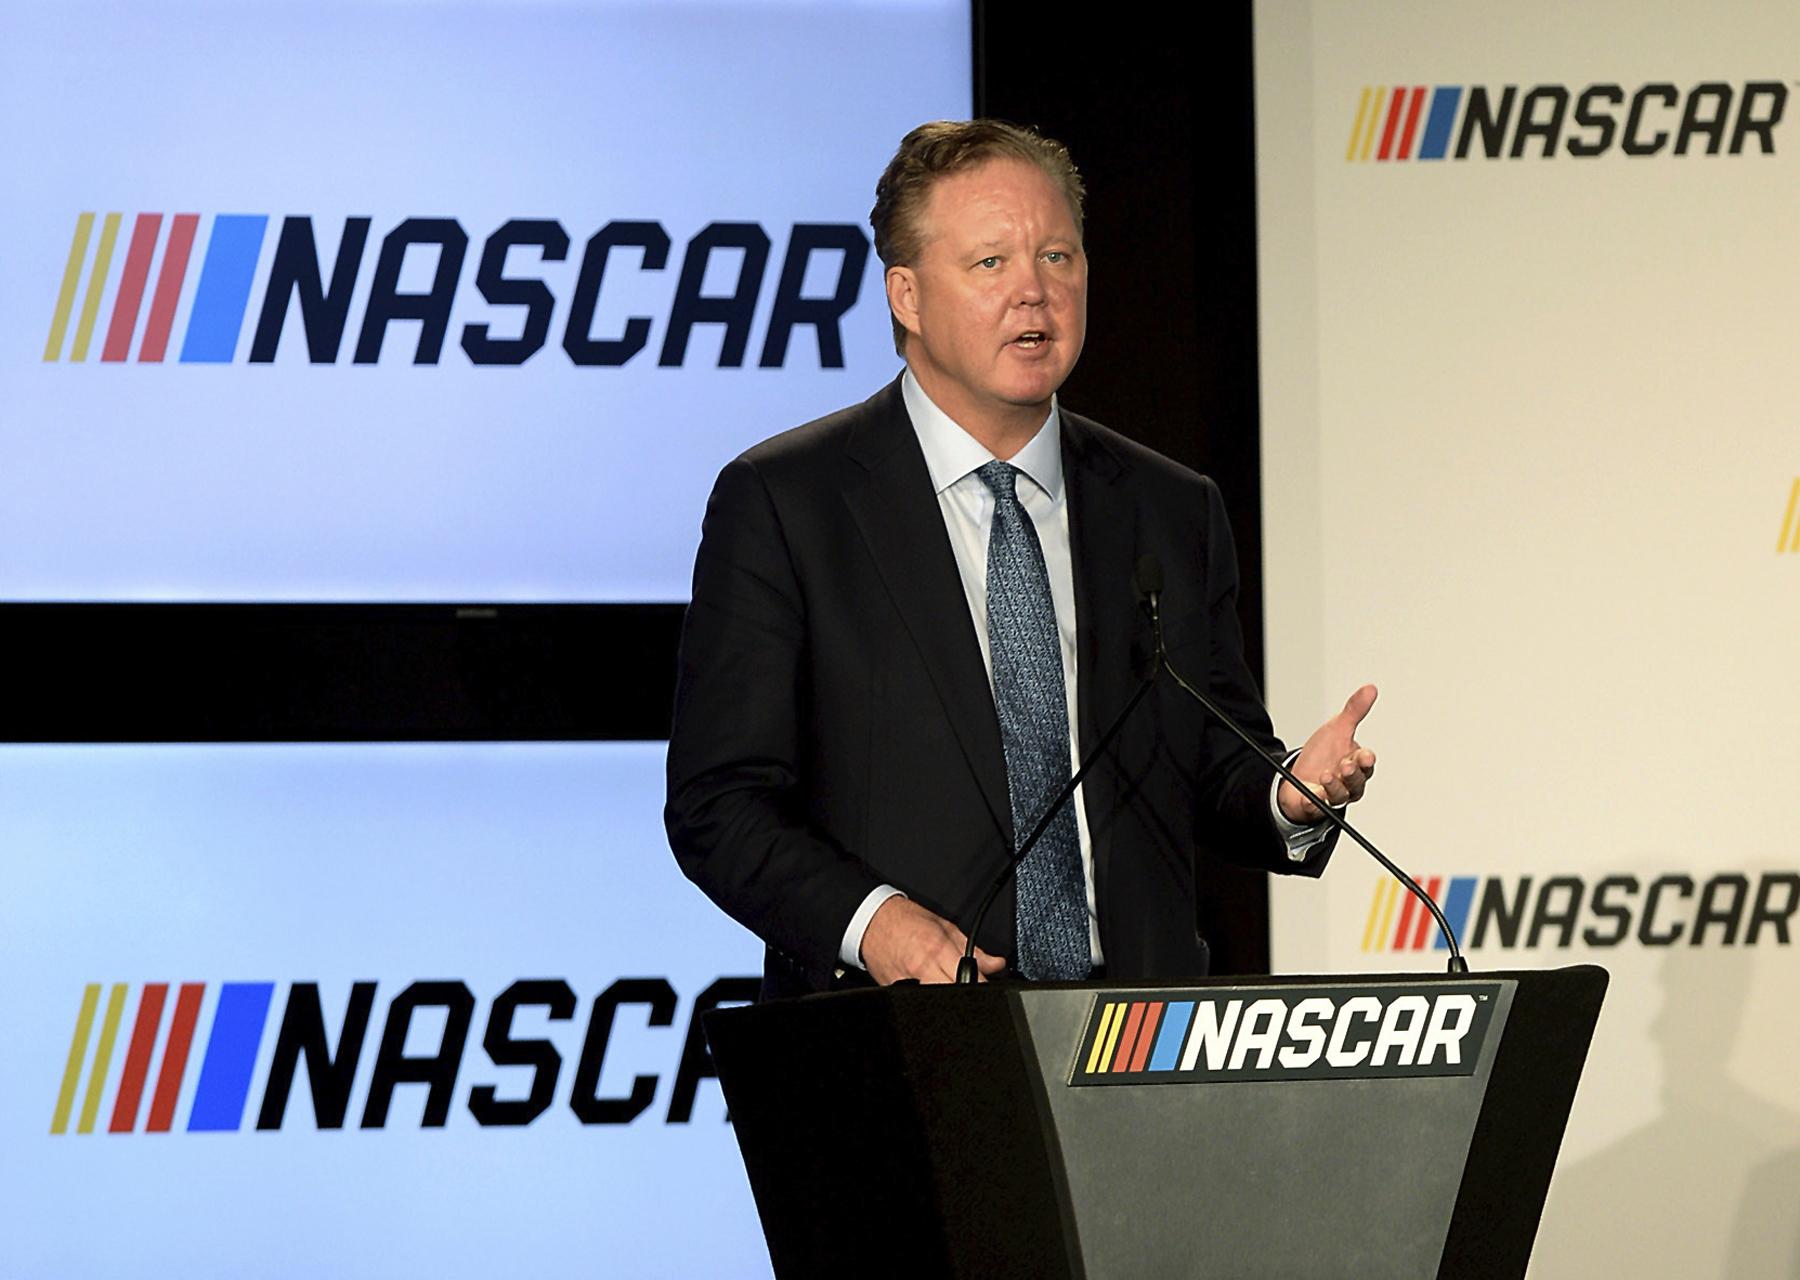 NASCAR_France_Arrested_Auto_Racing_12934-159532.jpg55052484